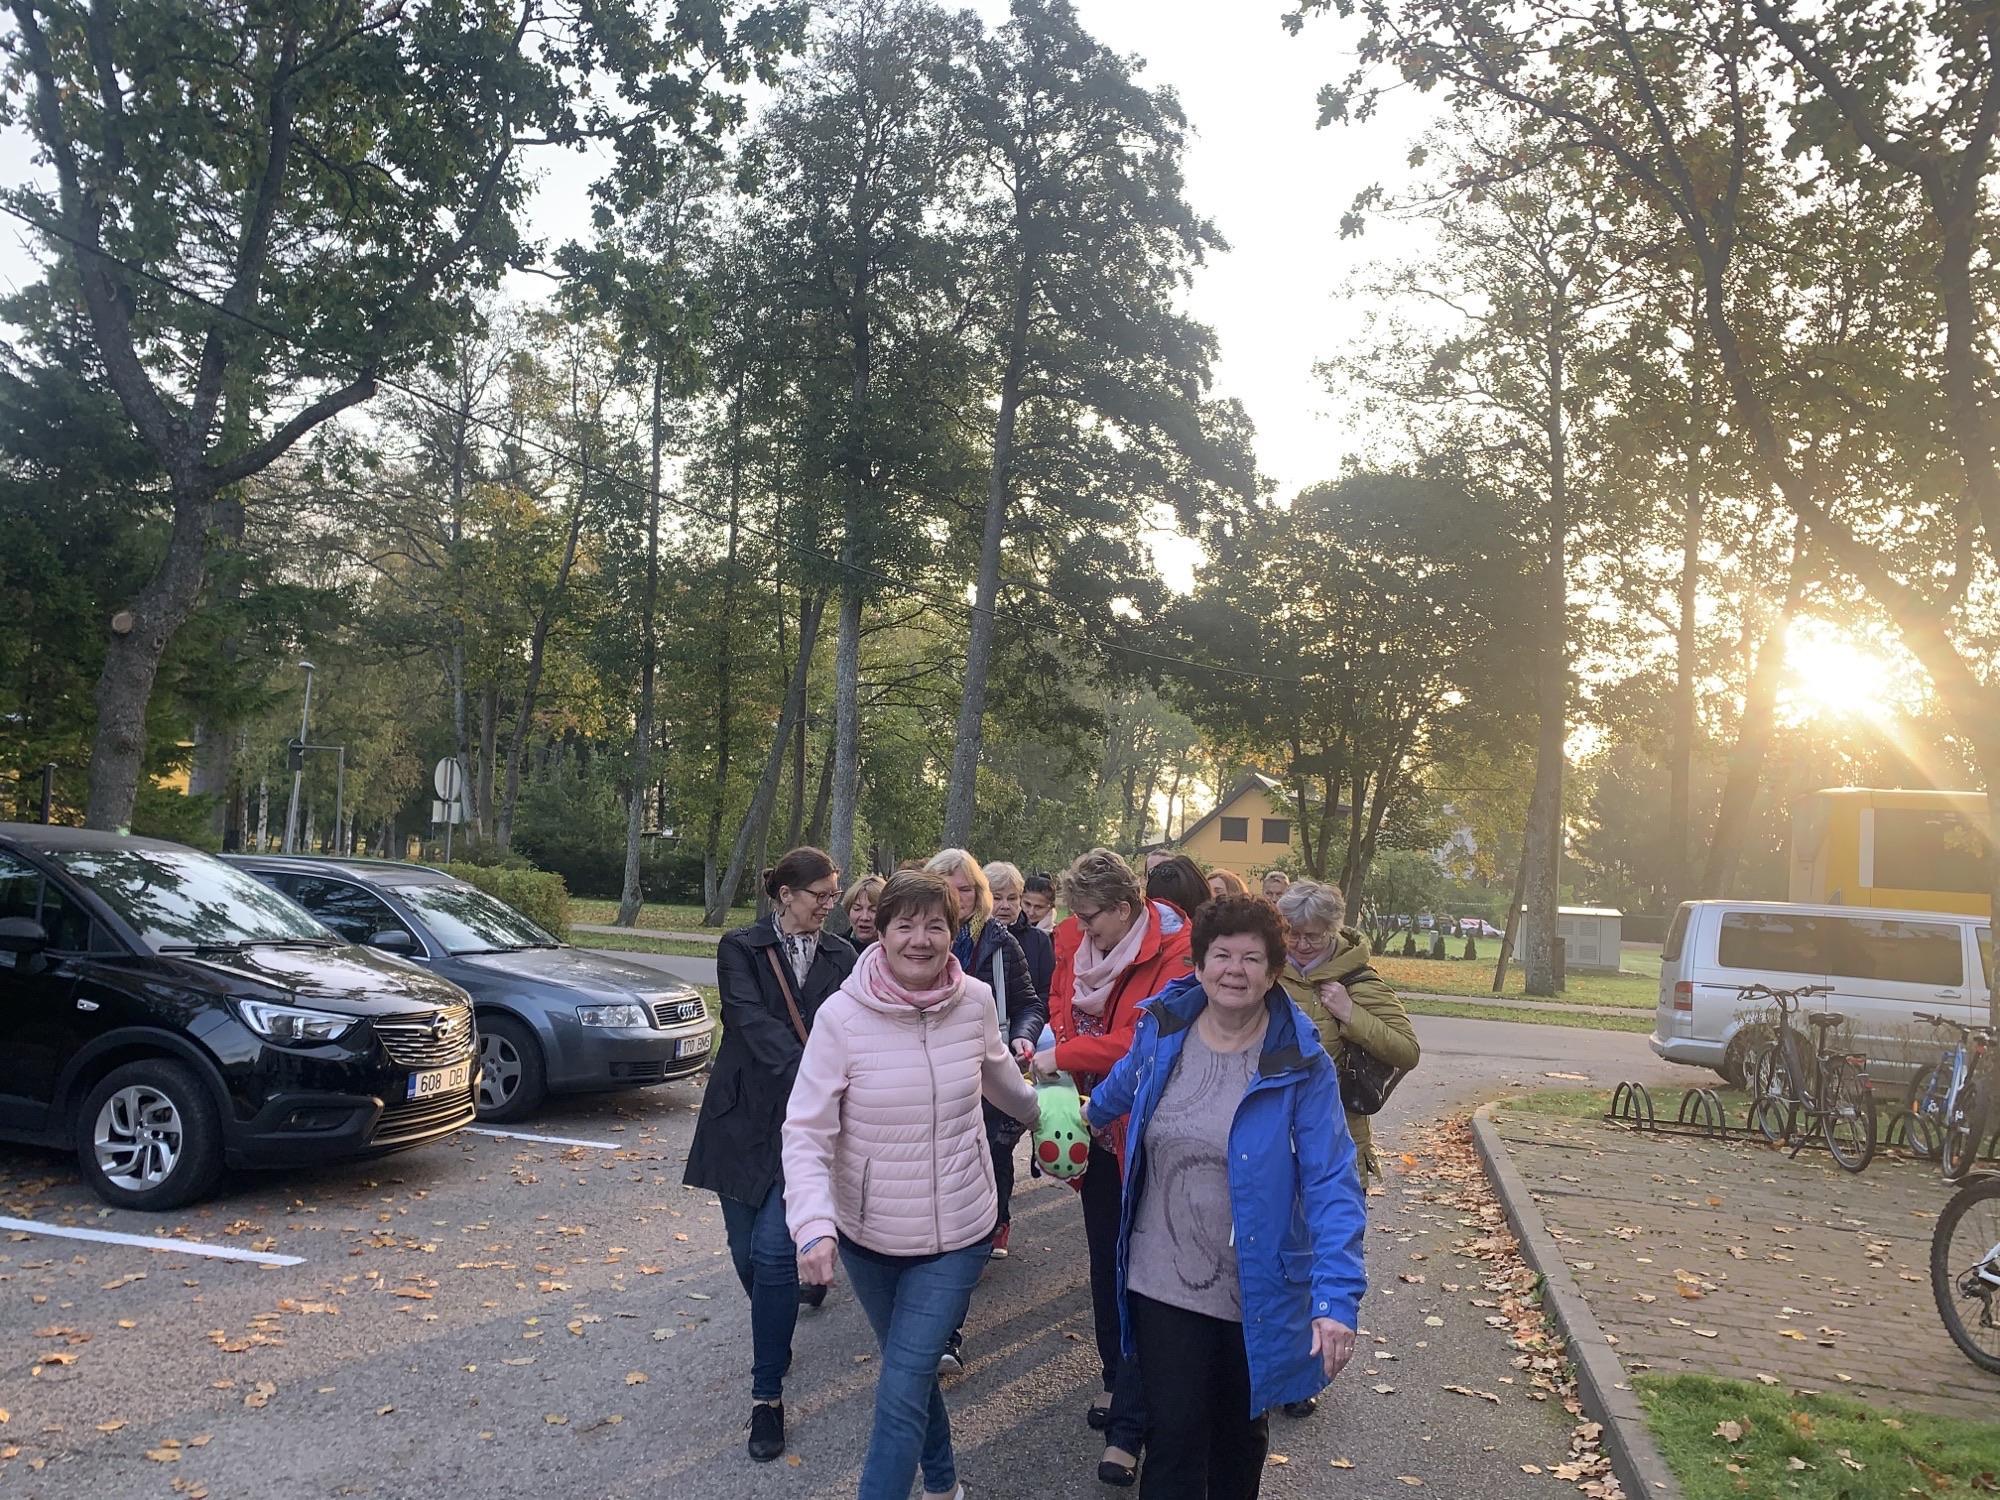 Õpetajad jalutusnööriga jalutamas